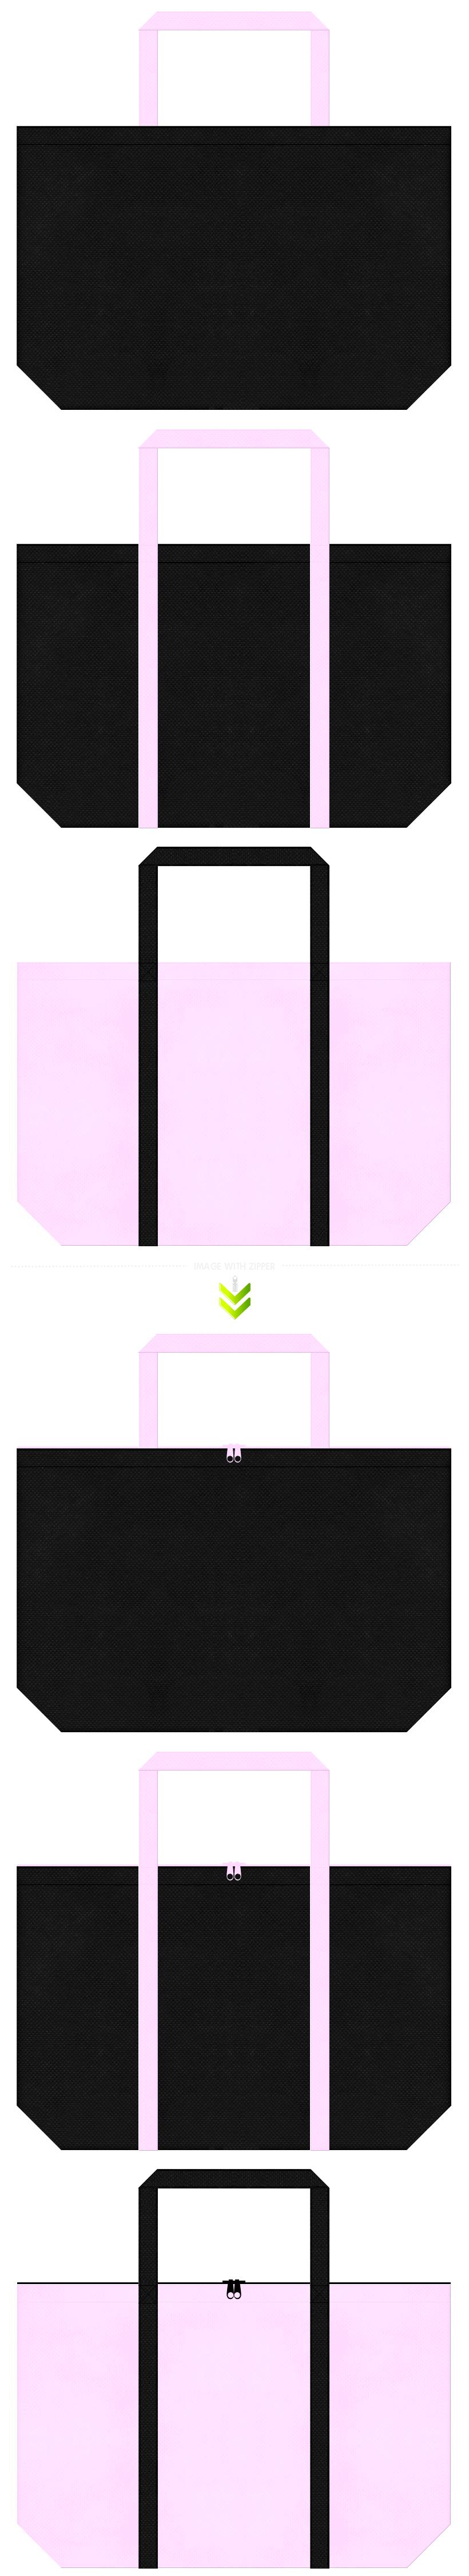 黒色と明るいピンク色の不織布エコバッグのデザイン。ゴスロリ系の不織布バッグにお奨めの配色です。